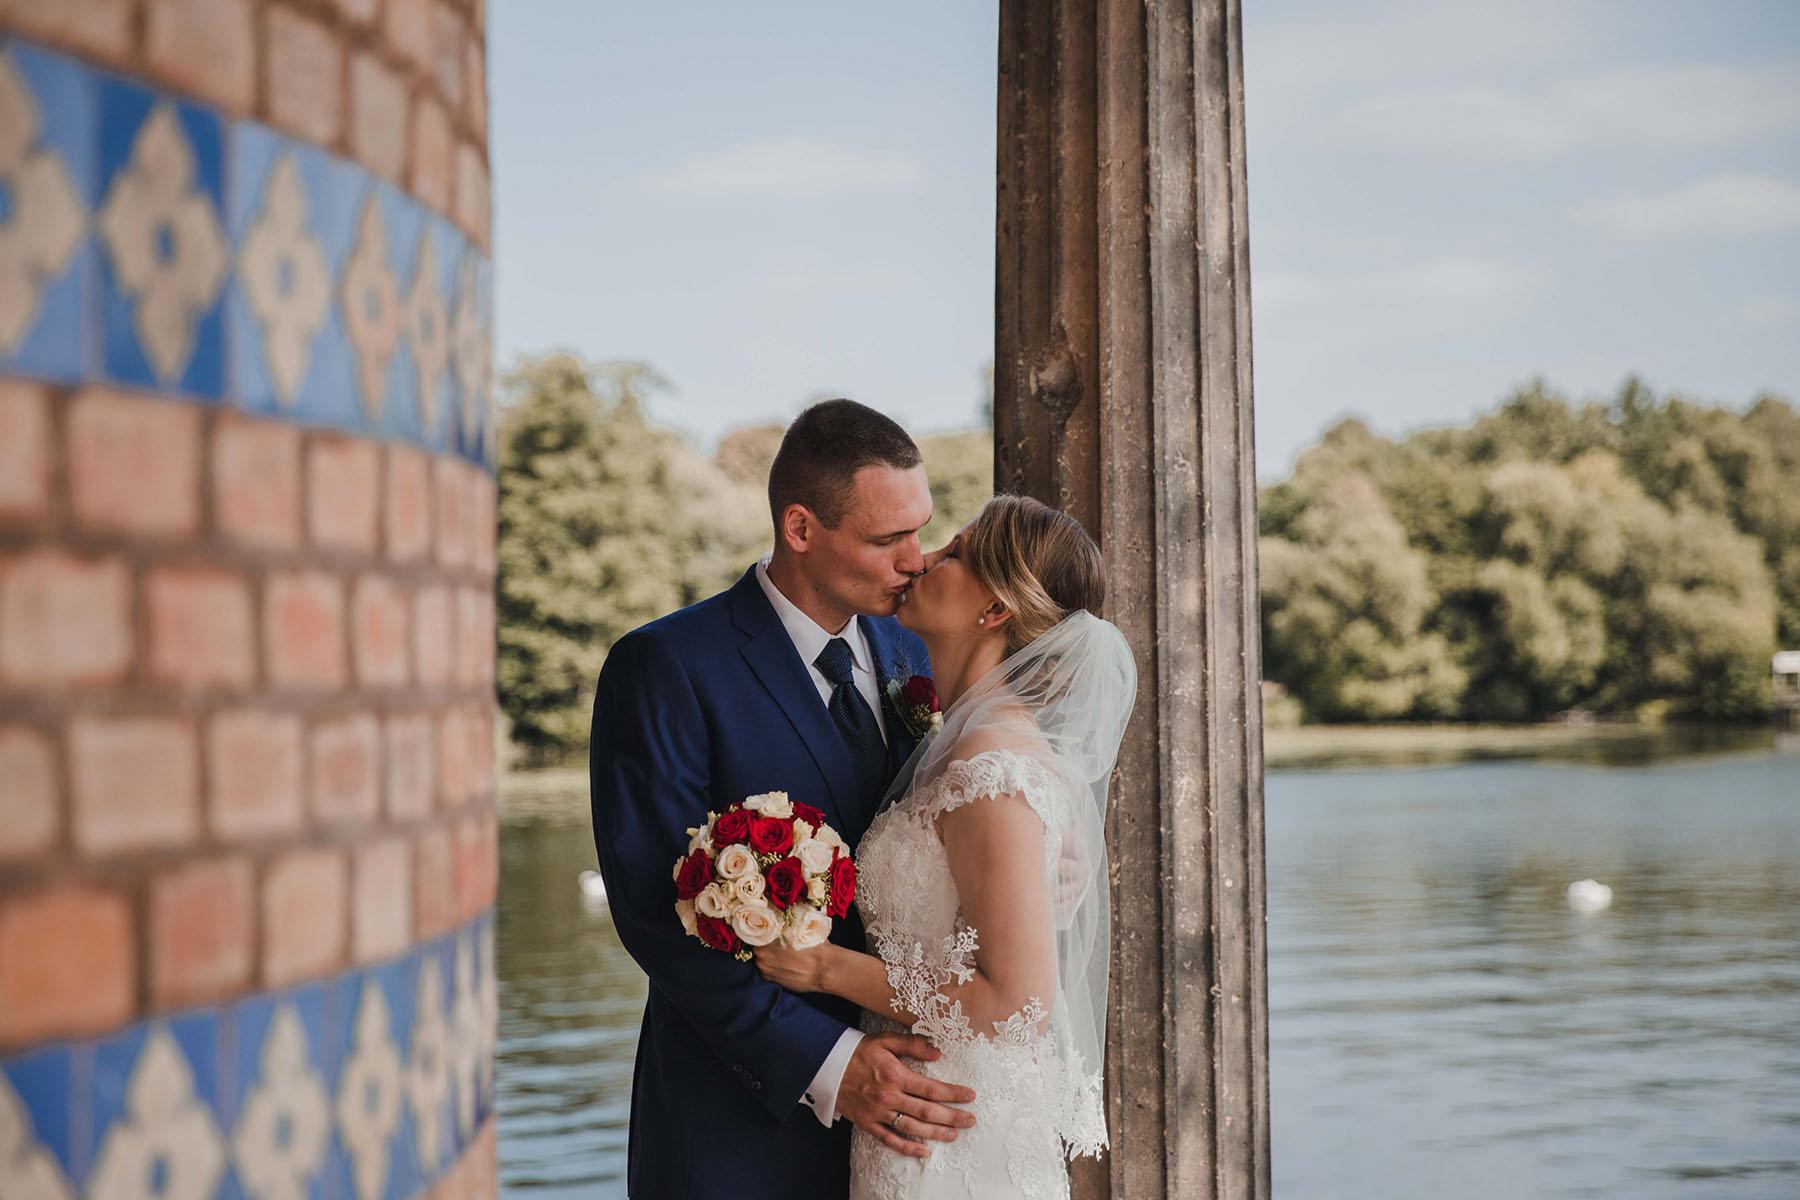 Braut mit Schleier bei Hochzeit am Wasser